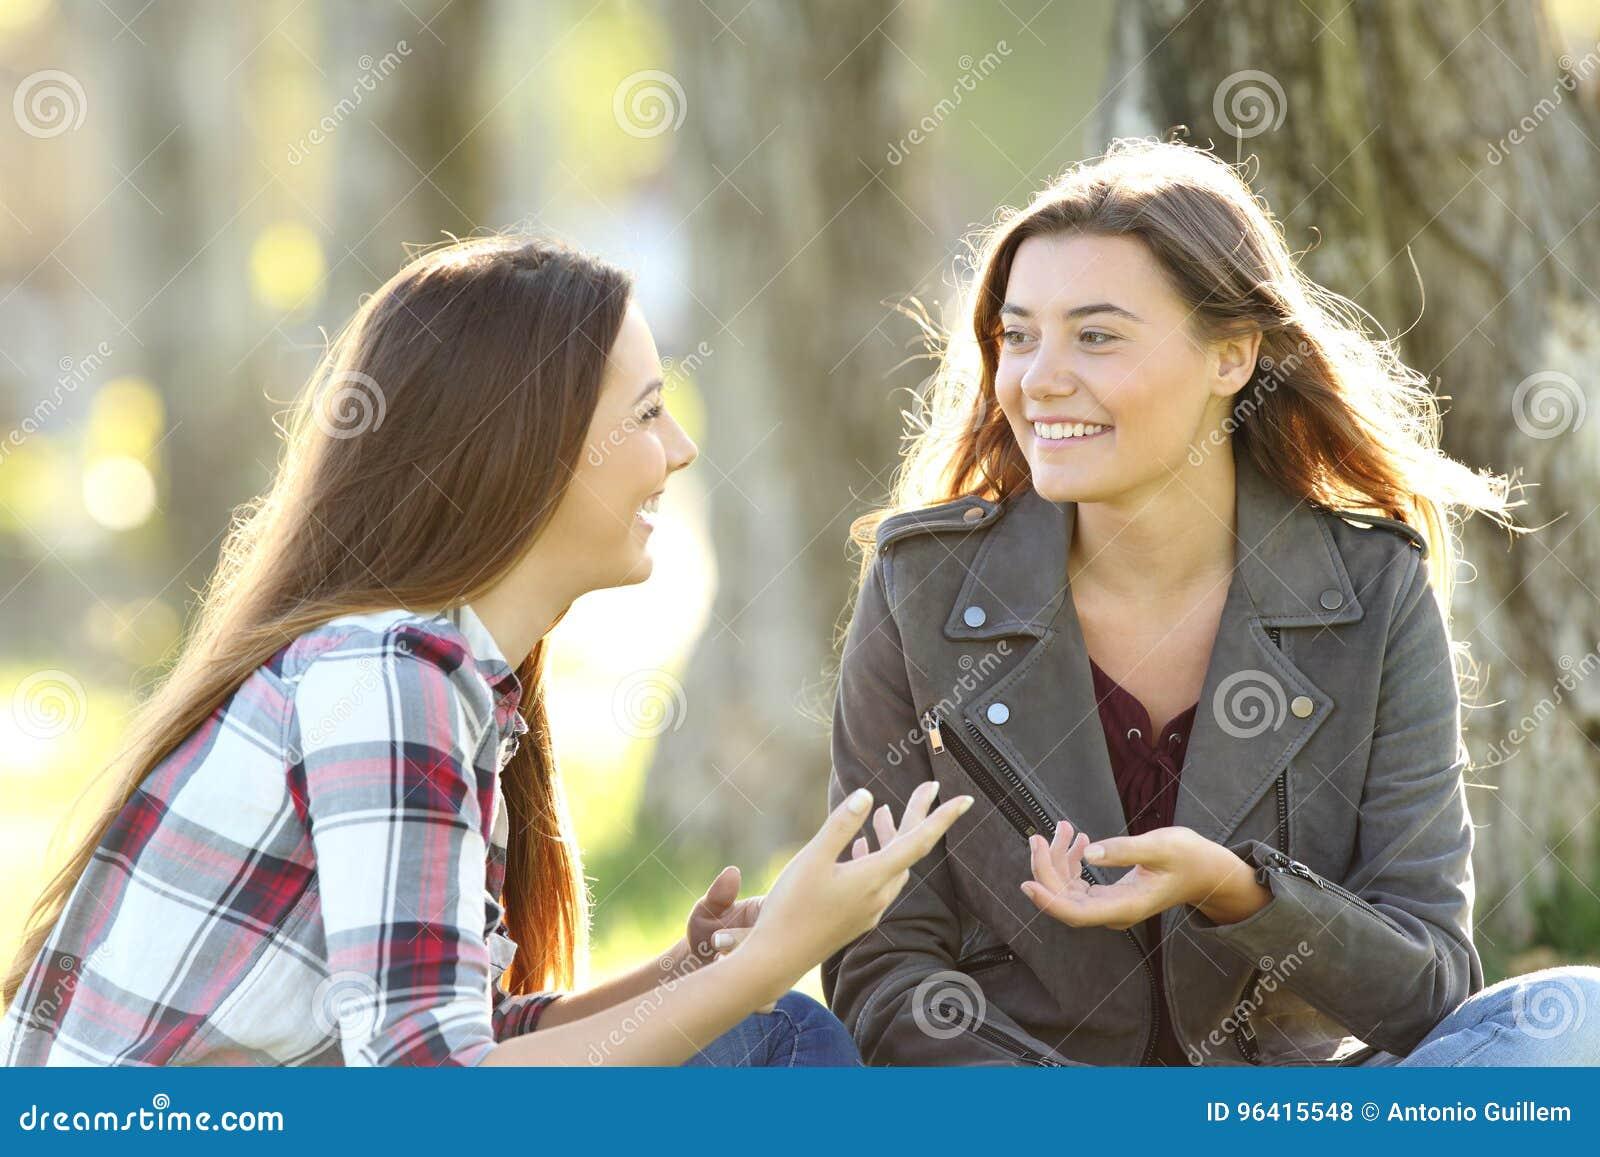 Zwei Freunde, Die In Einem Park Sprechen Und Lachen